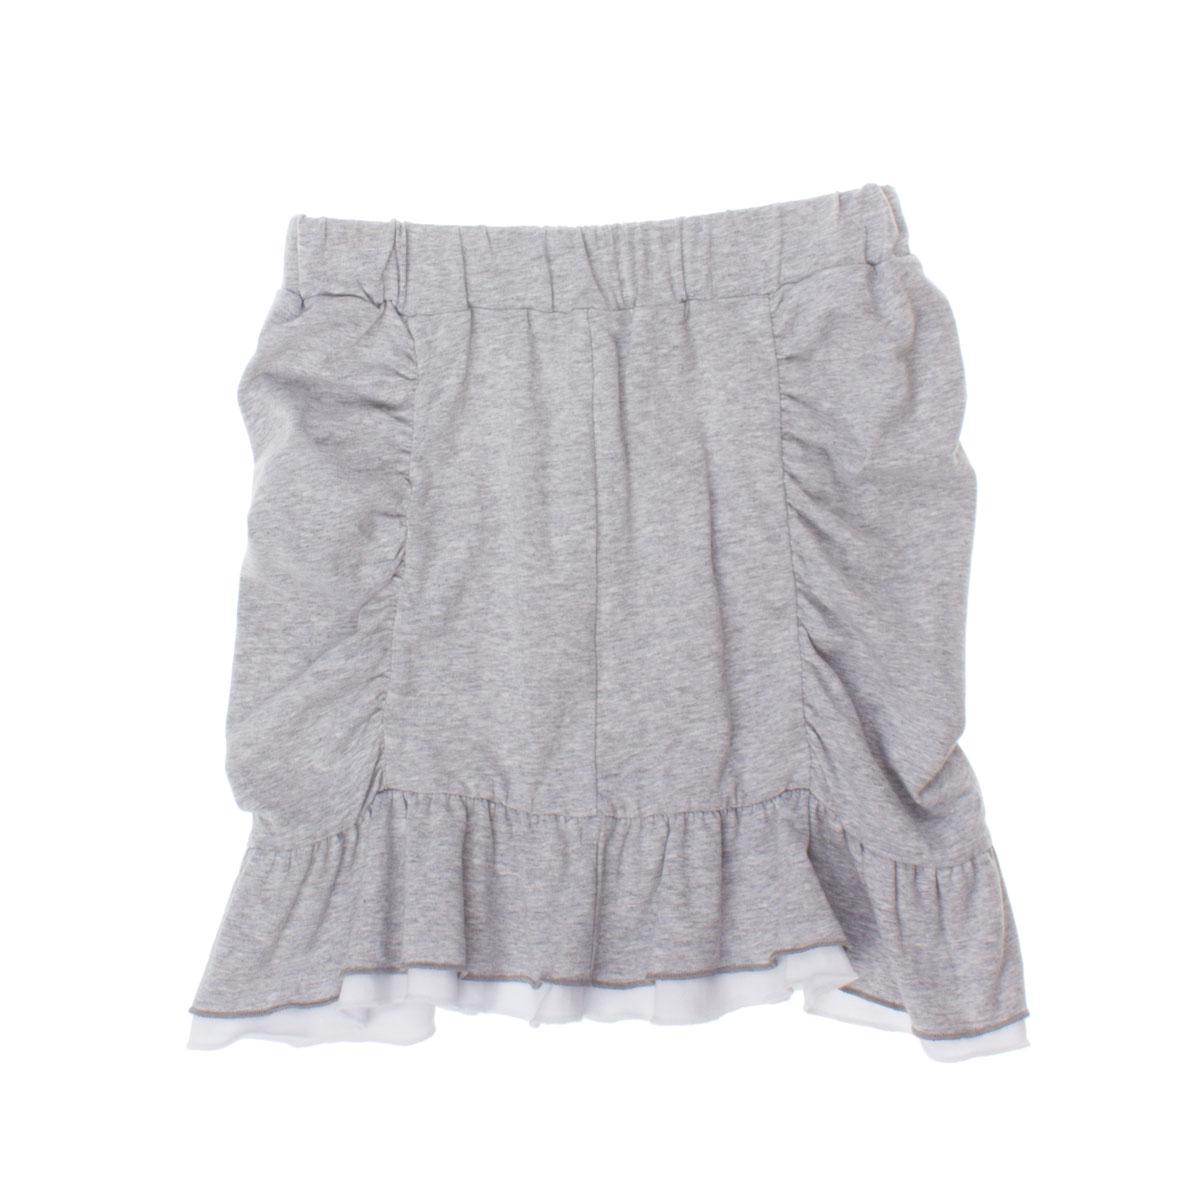 Юбка для девочек. 264019264019Мягкая хлопоквая юбка цвета серый меланж. Прилегающий силуэт, по центру стильная вставка с драпировкой. Цельнокройный пояс. Юбка хорошо сочетается с легкими туниками.